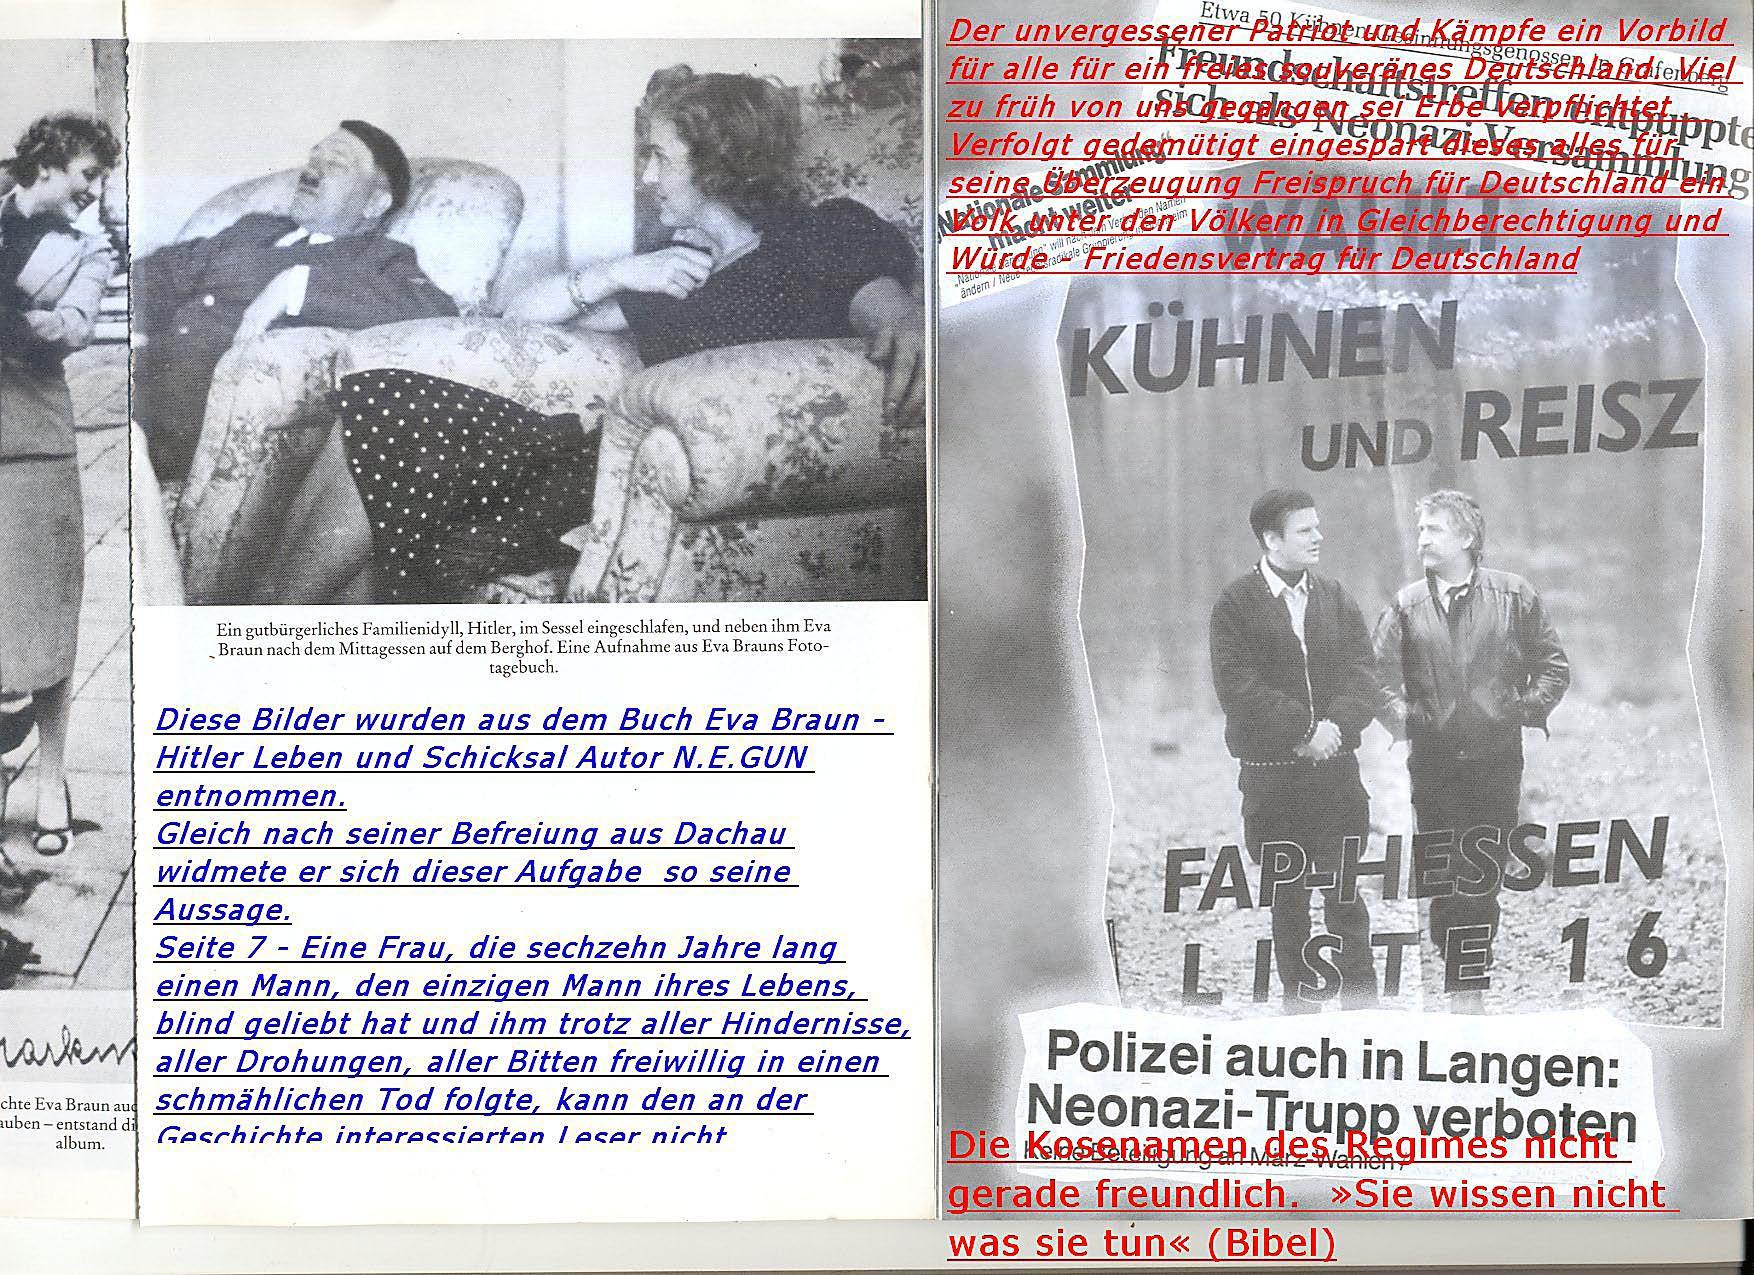 http://fackel.klack.org/bilder/2bilderprobekuehnenfrauhitleredited10c6271ad5110e7f76bba6.jpg